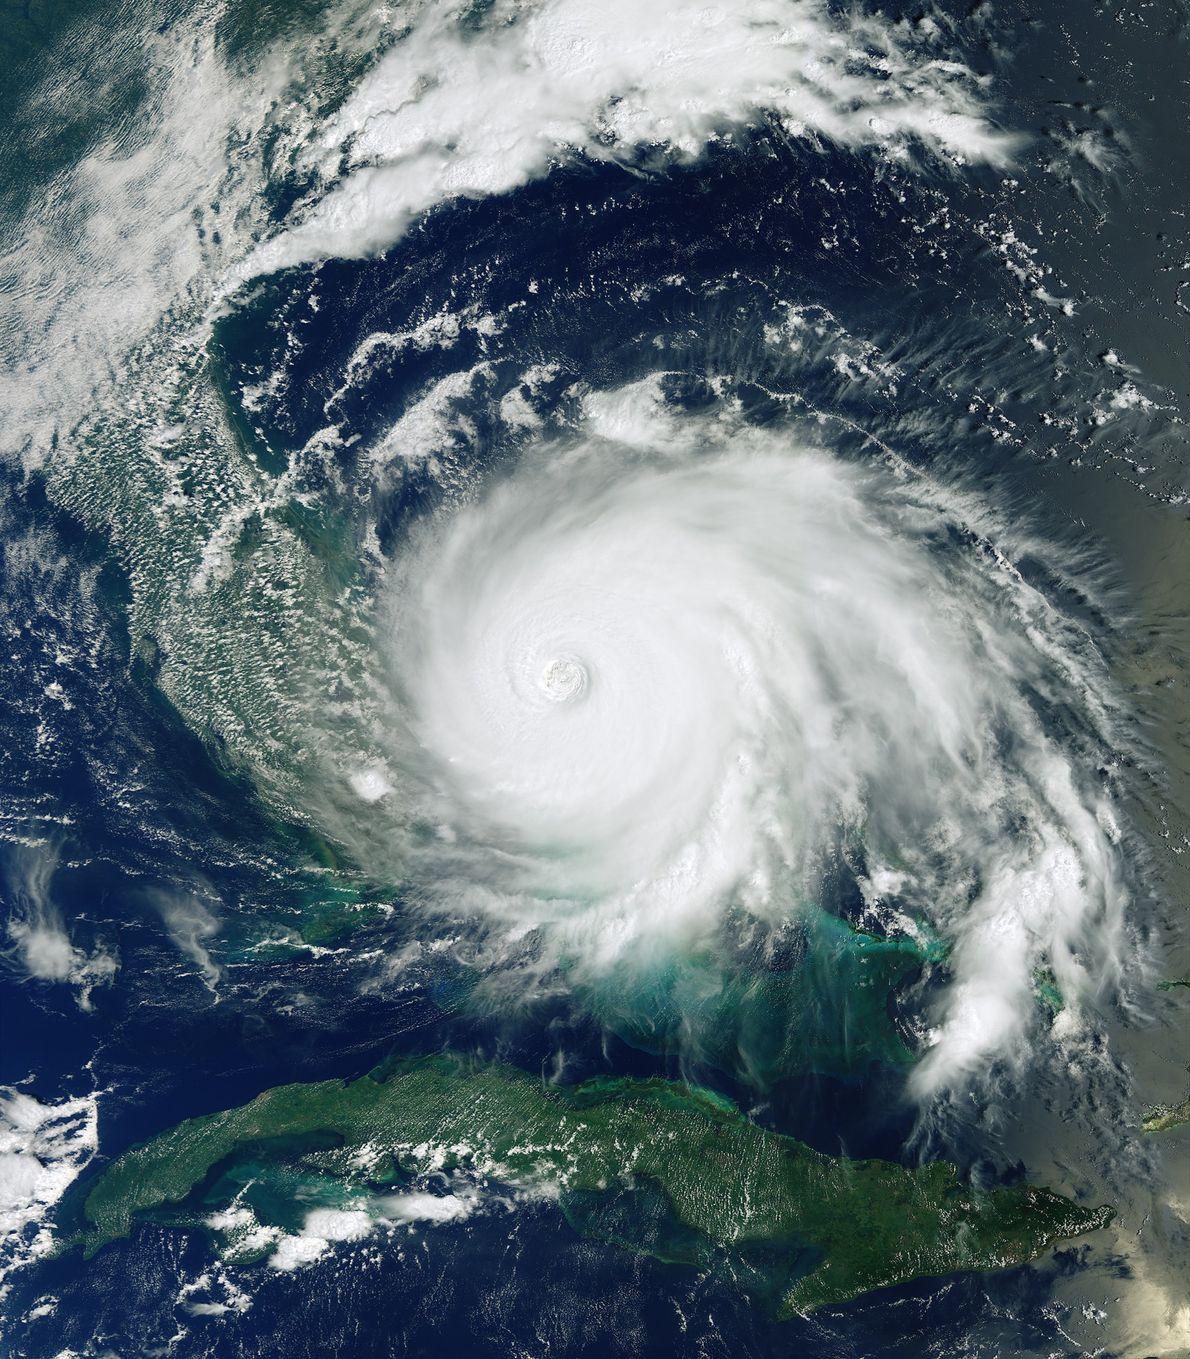 El huracán Dorian, una de las tormentas del Atlántico más poderosas jamás registradas, se estrelló contra ...